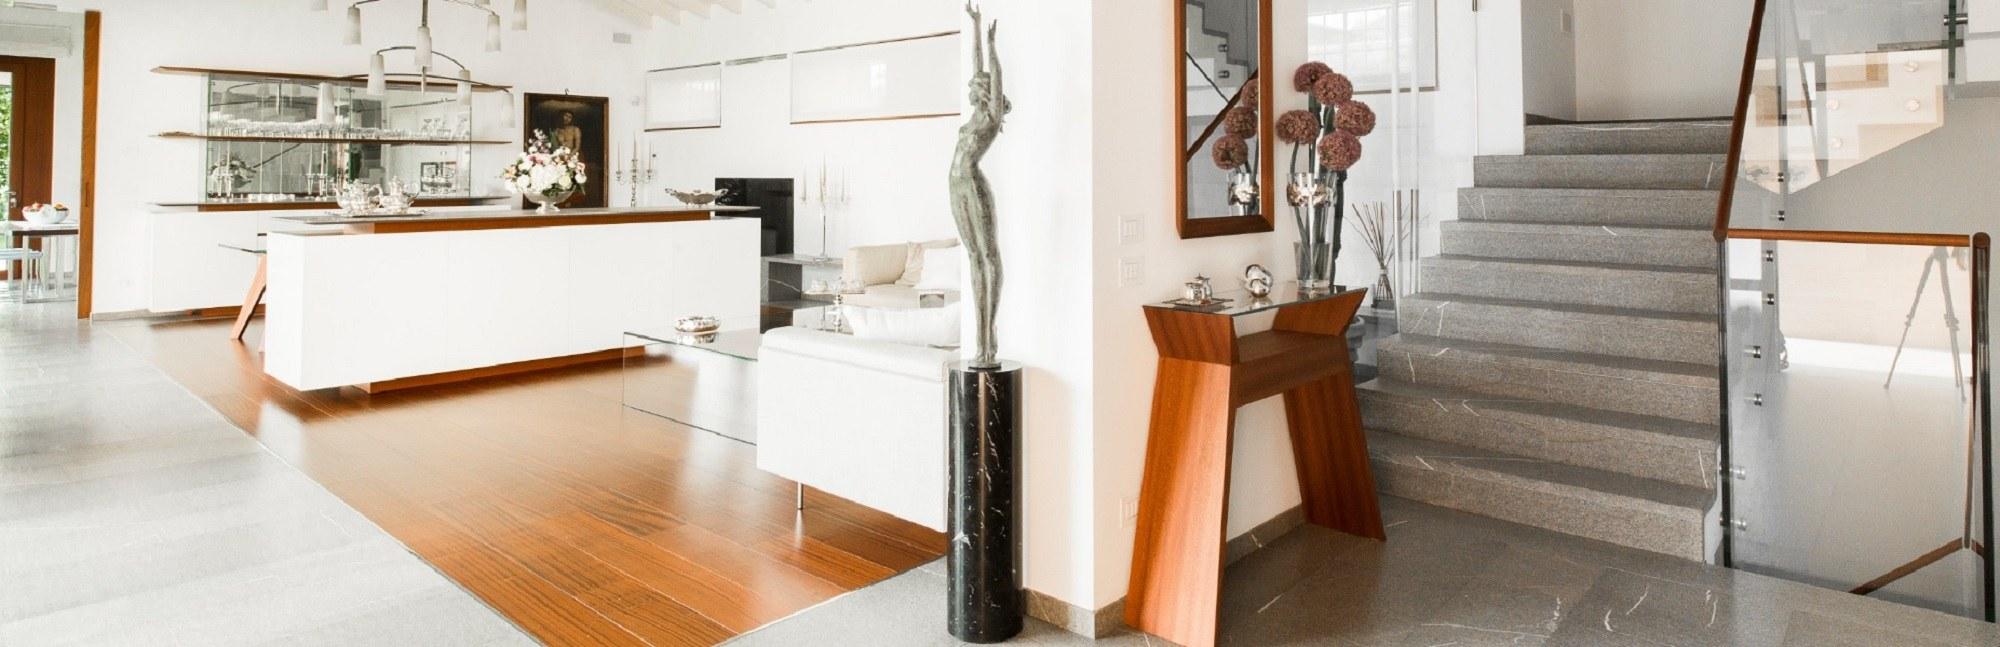 stiegen boden stone4you naturstein granit marmor kalkstein sandstein. Black Bedroom Furniture Sets. Home Design Ideas